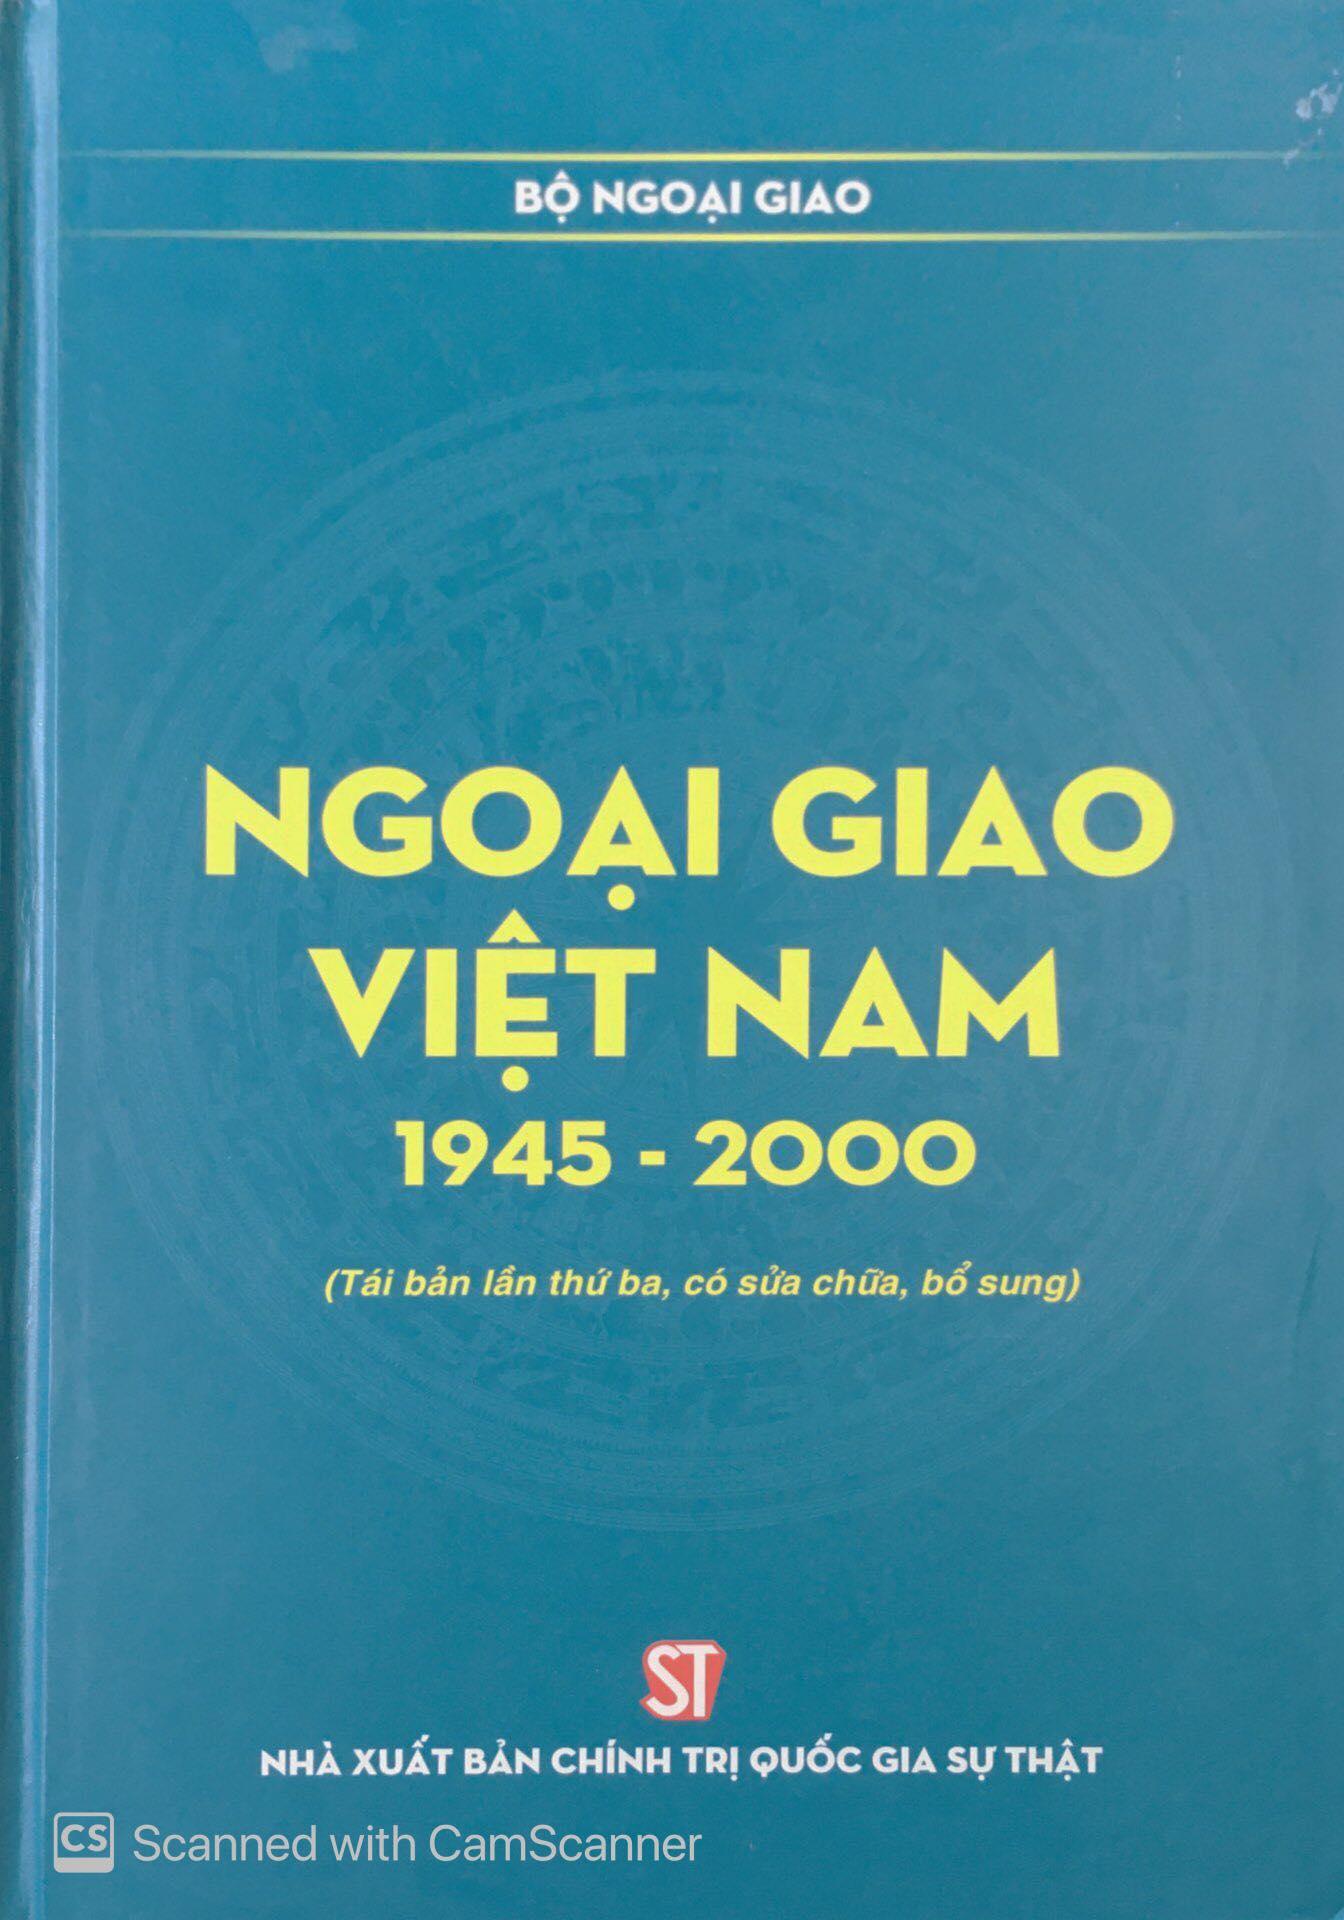 Ngoại giao Việt Nam 1945 - 2000 (Tái bản lần thứ ba, có sửa chữa, bổ sung)